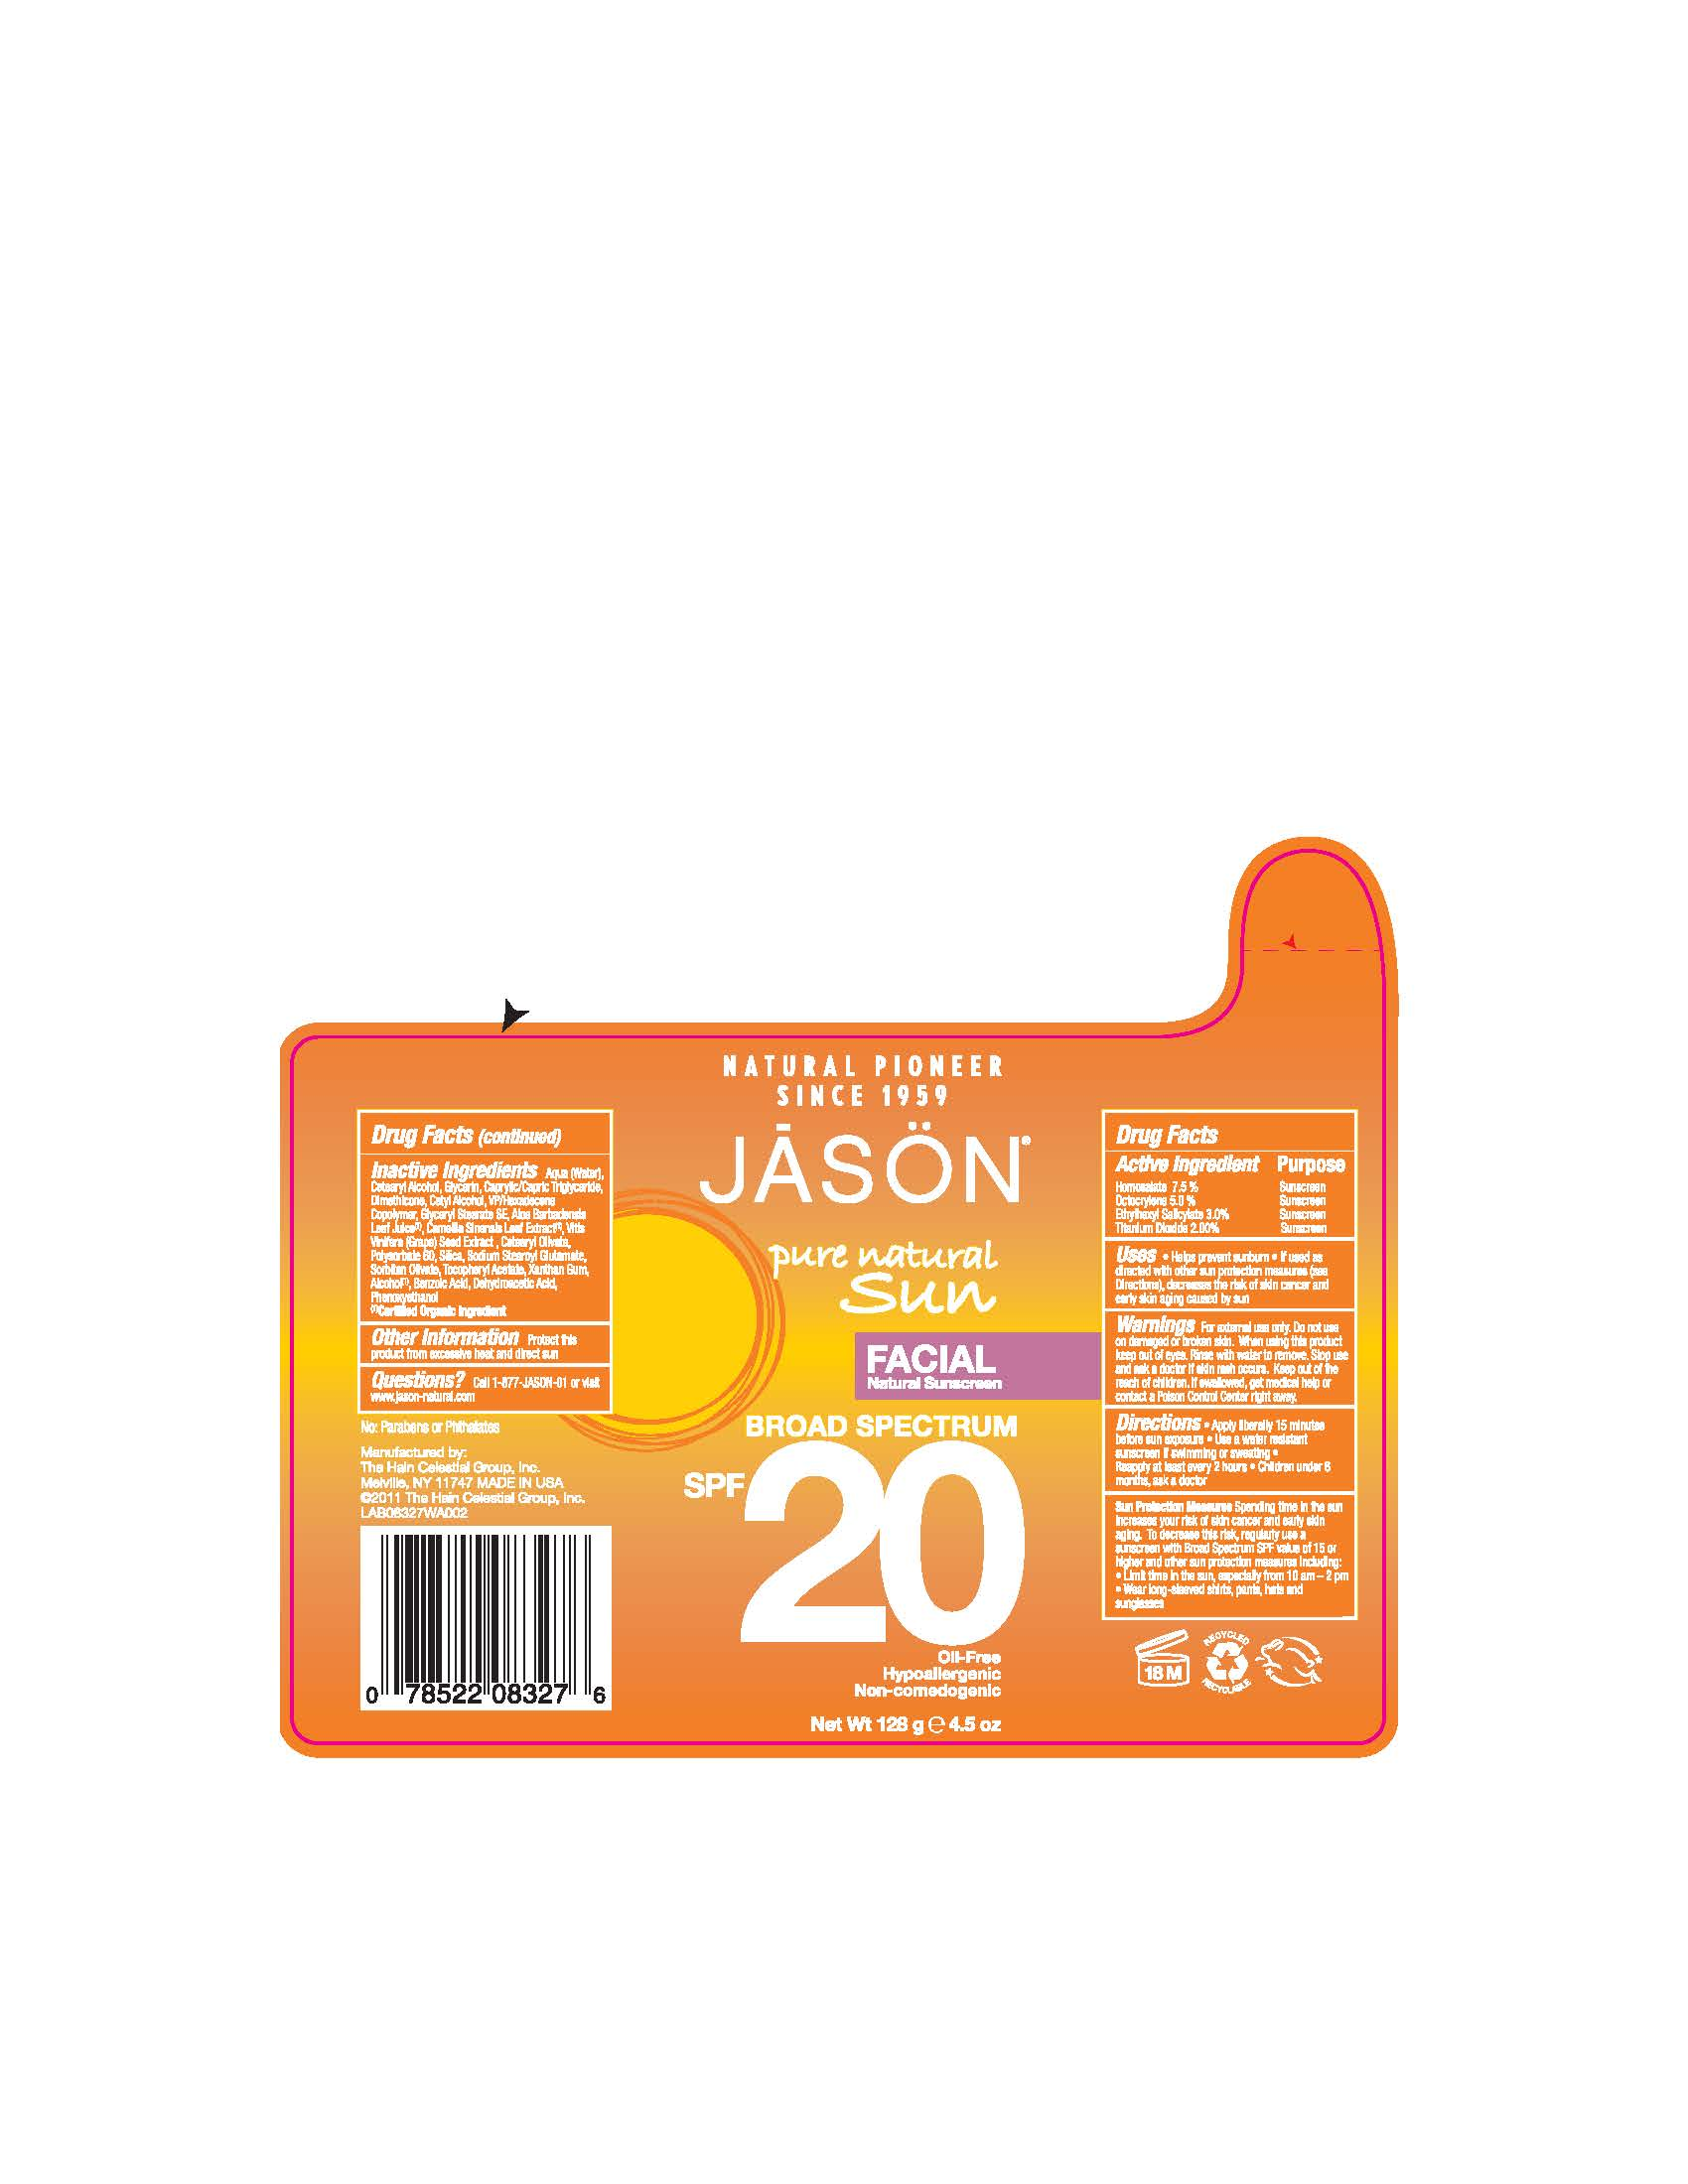 image of bottle label